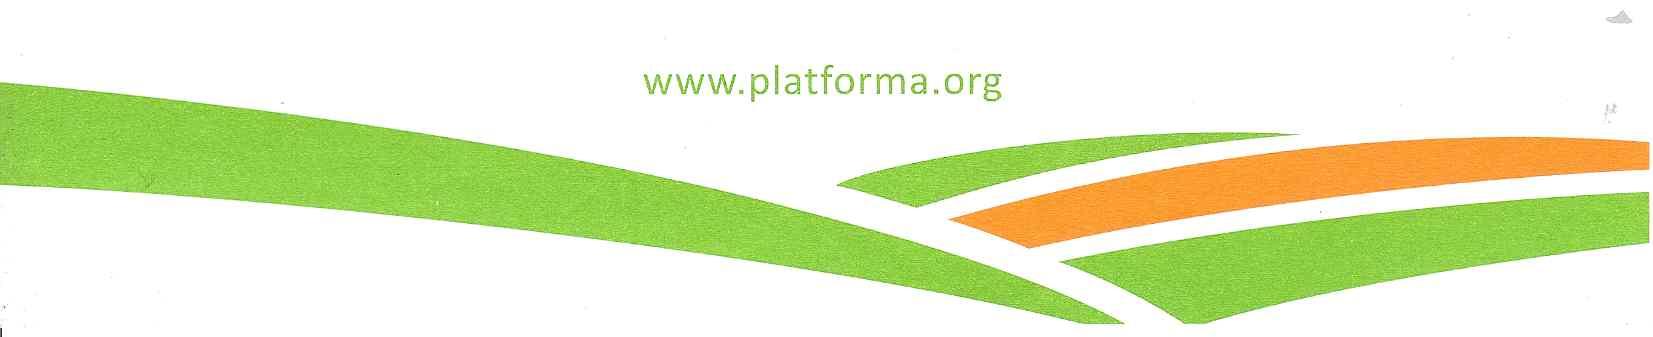 Platformaorg.jpeg